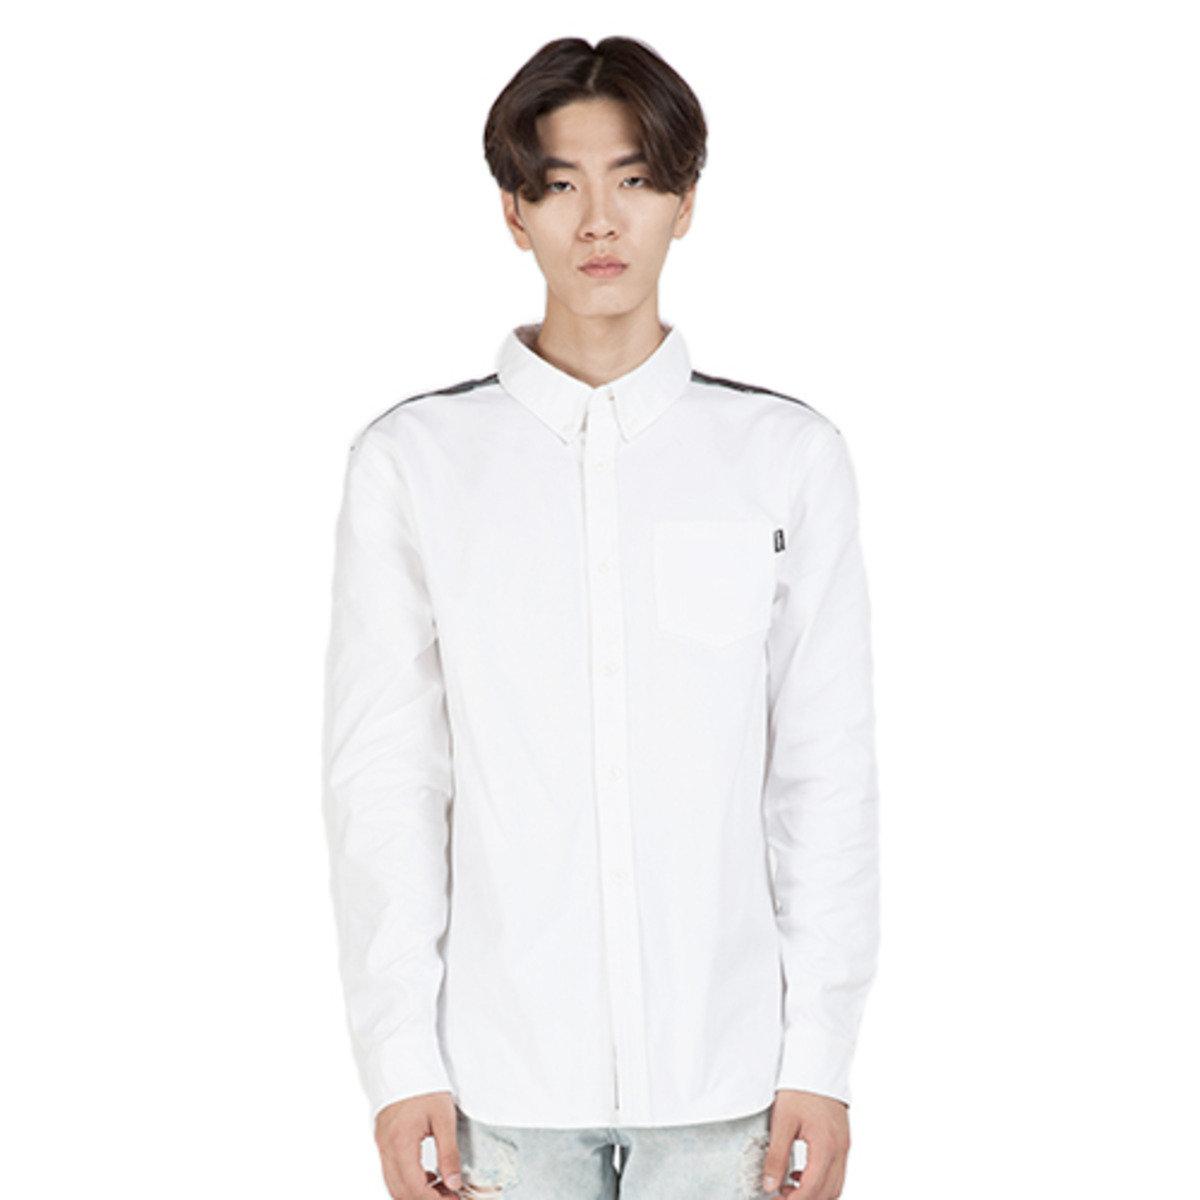 迷彩拼布白色恤衫_FEOCMSH01